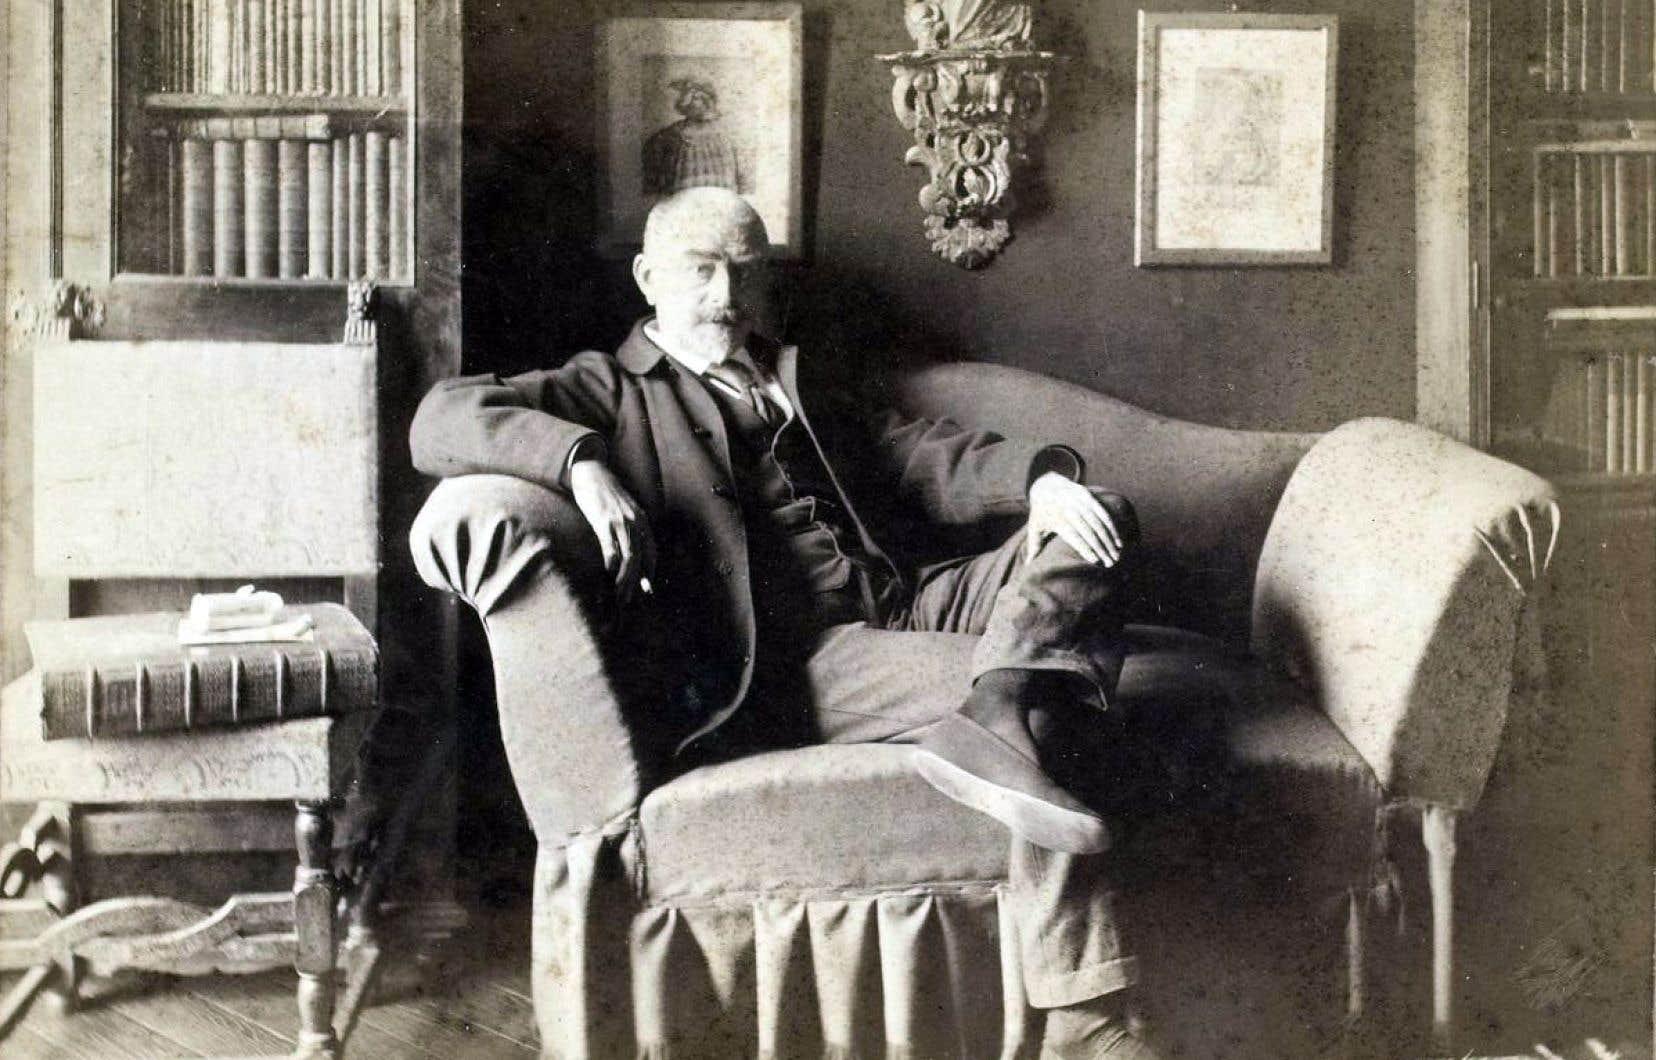 Le quatrième roman de Joris-Karl Huysmans est souvent présenté comme un «bréviaire du décadentisme».